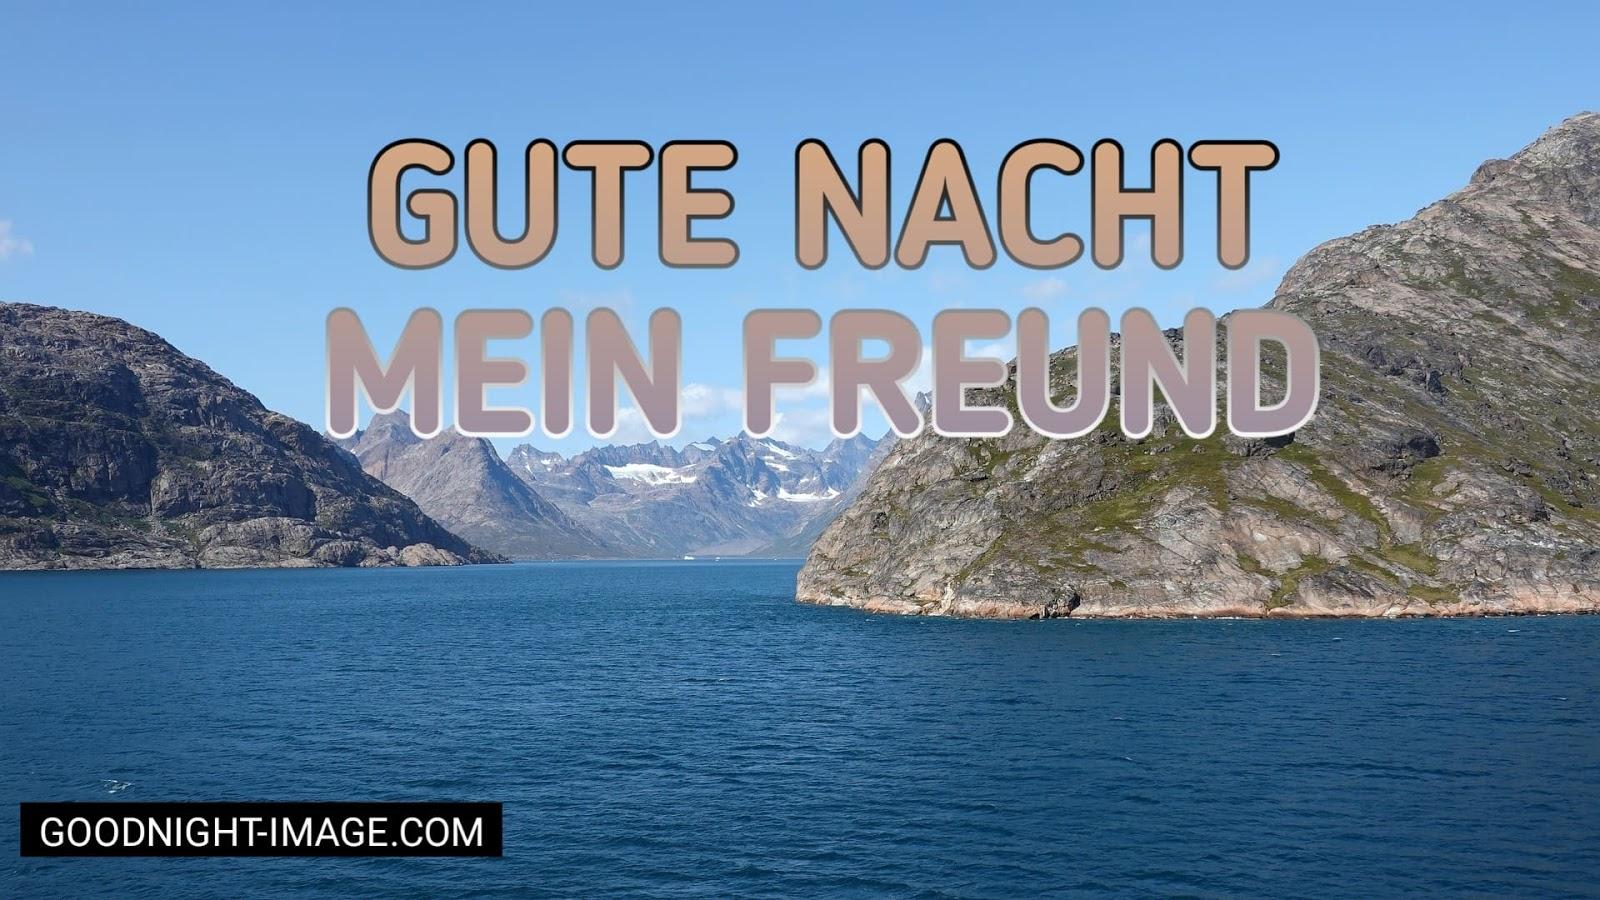 102 Gute Nacht Bilder Fur Whatsapp Good Night In German Good